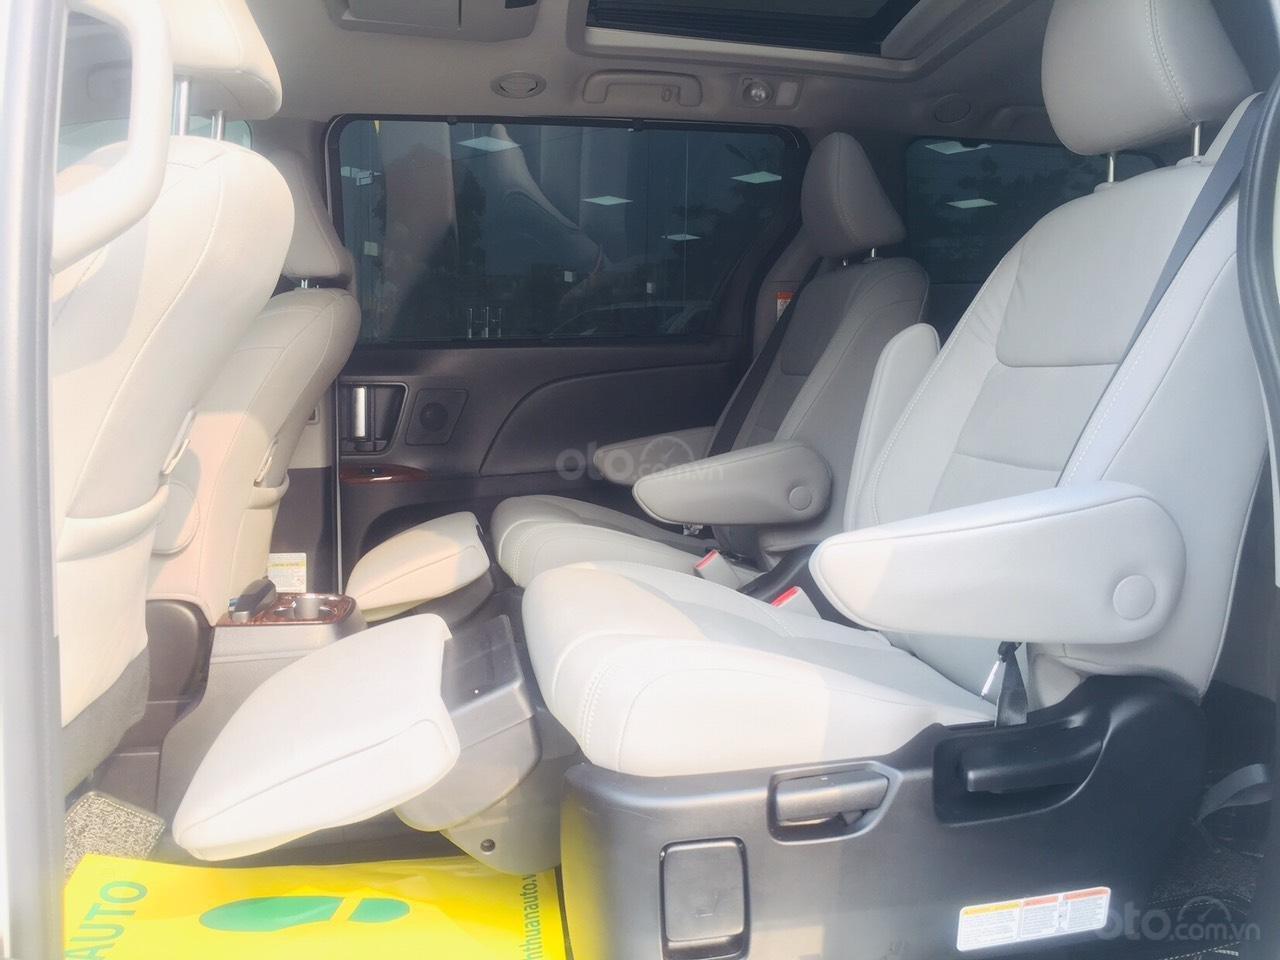 Bán Toyota Sienna Limited 2020 1 cầu, LH Ms Ngọc Vy giá tốt, giao ngay toàn quốc (16)